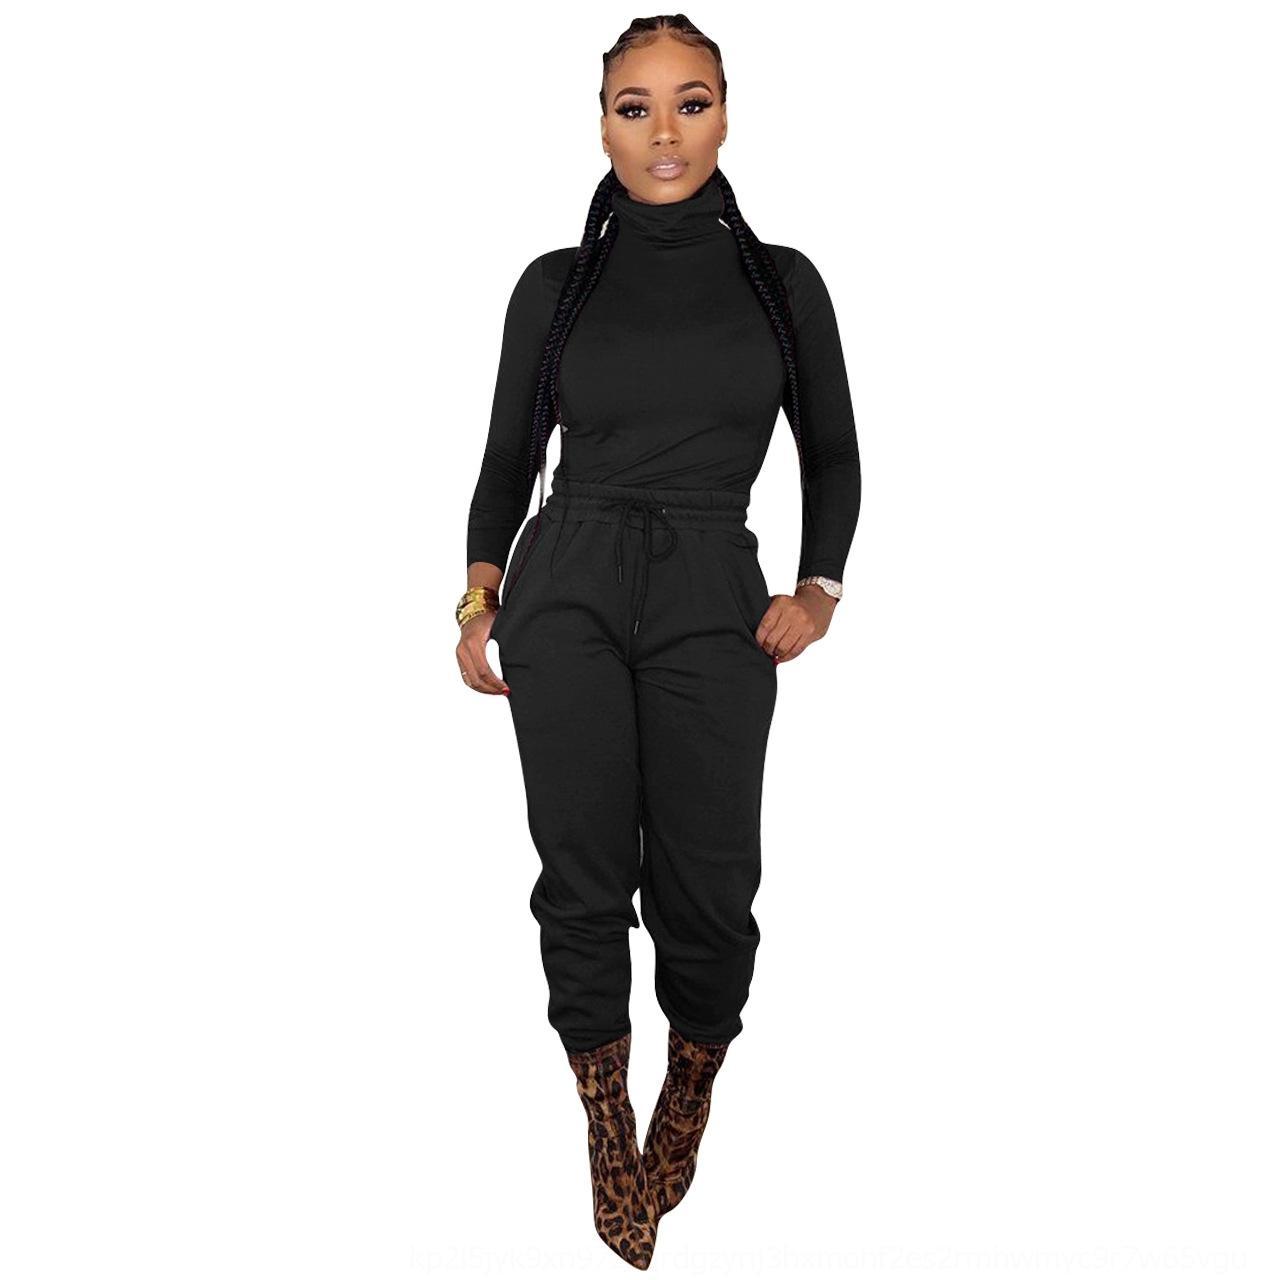 FHAHR YD8160 YD8160 GİYİM 2020 GİYİM 2020 kadın Katı Renk Eğlence Yüksek Yaka Bel Bağlama İki Parçalı Kadın Giyim